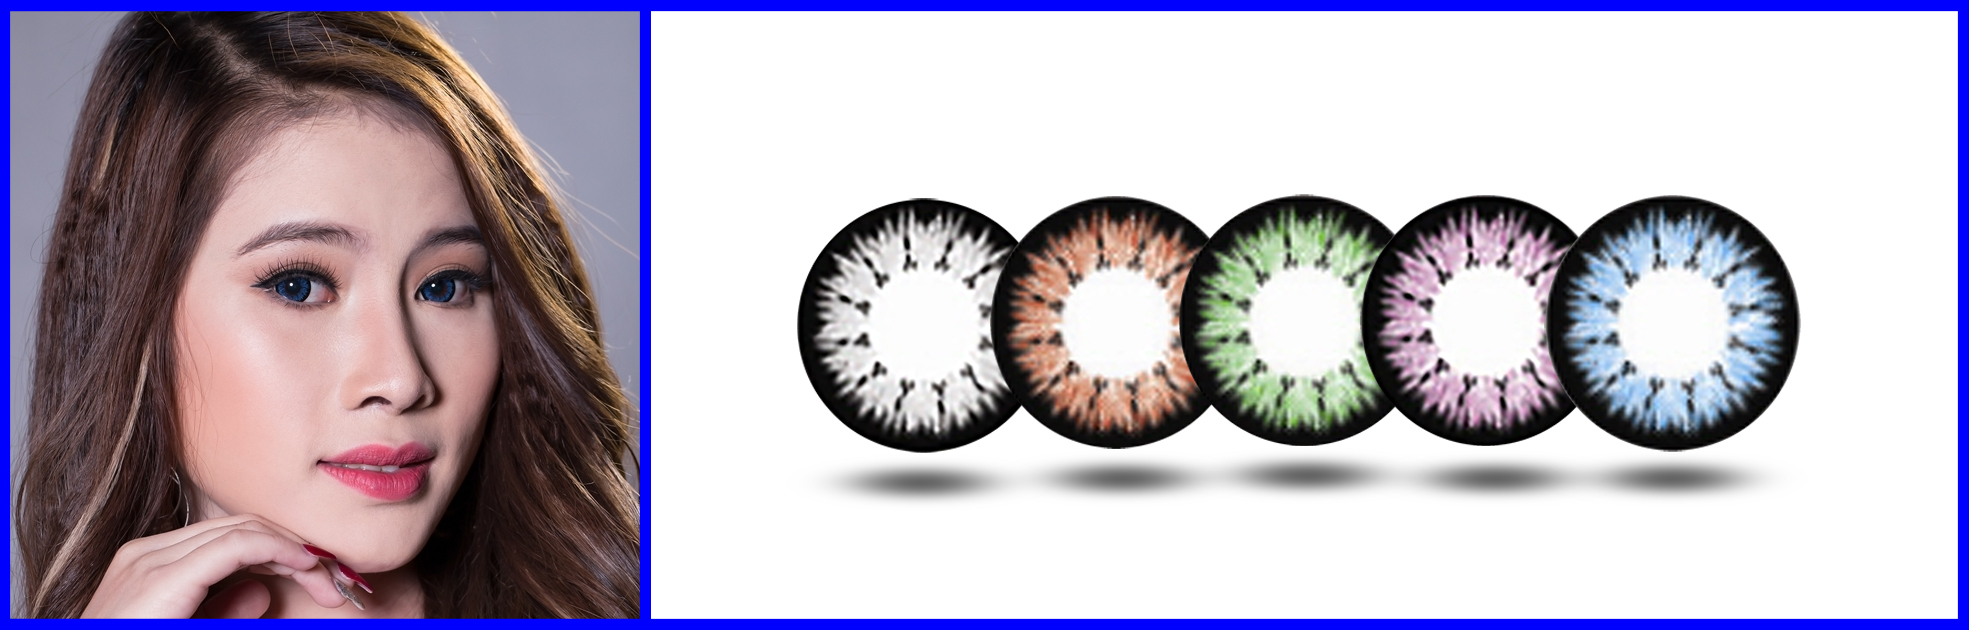 Kính áp tròng an toàn chất lượng cao, kính áp tròng có đủ màu sắc và độ cận cần từ không độ đến 10 độ. Kính được nhập khẩu chính hãng từ hàn quốc với nhiều chủng loại như kính áp tròng 1 ngày, kính áp tròng 3 tháng, kính áp tròng cận thị, kính áp tròng 6 tháng…chúng tôi cam kết chất lượng tốt nhất với khách hàng.